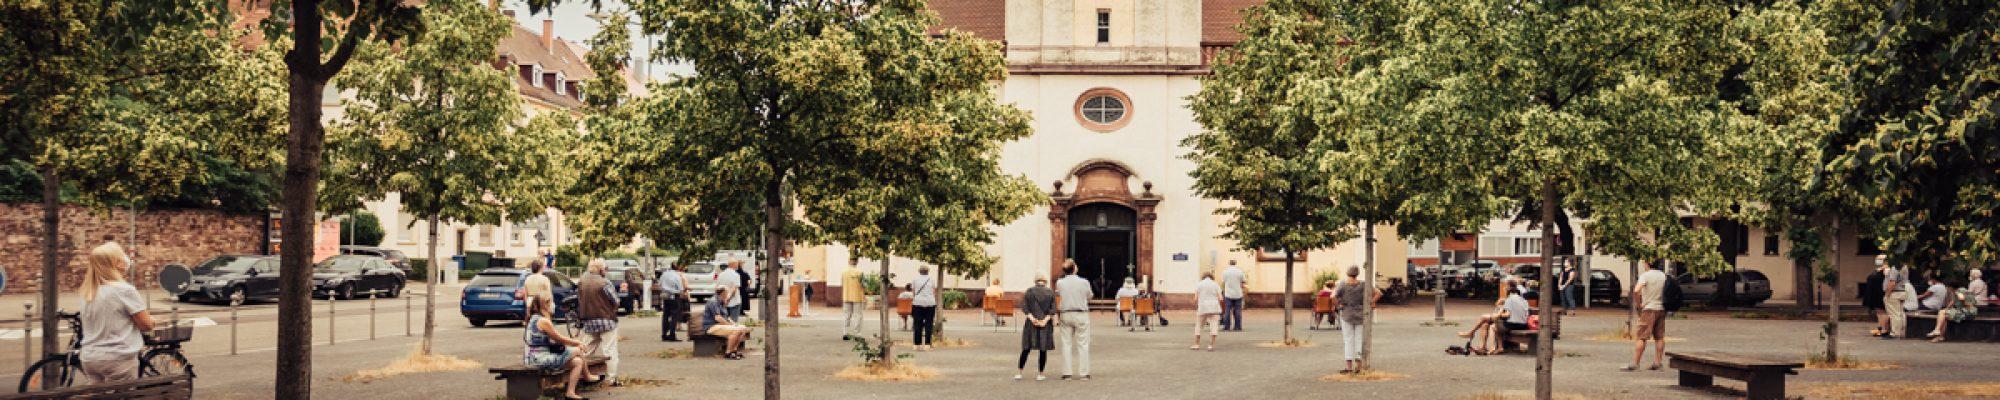 Karl-Friedrich-Gemeinde-Karlsruhe-Outdoor-Gottesdienst-Corona